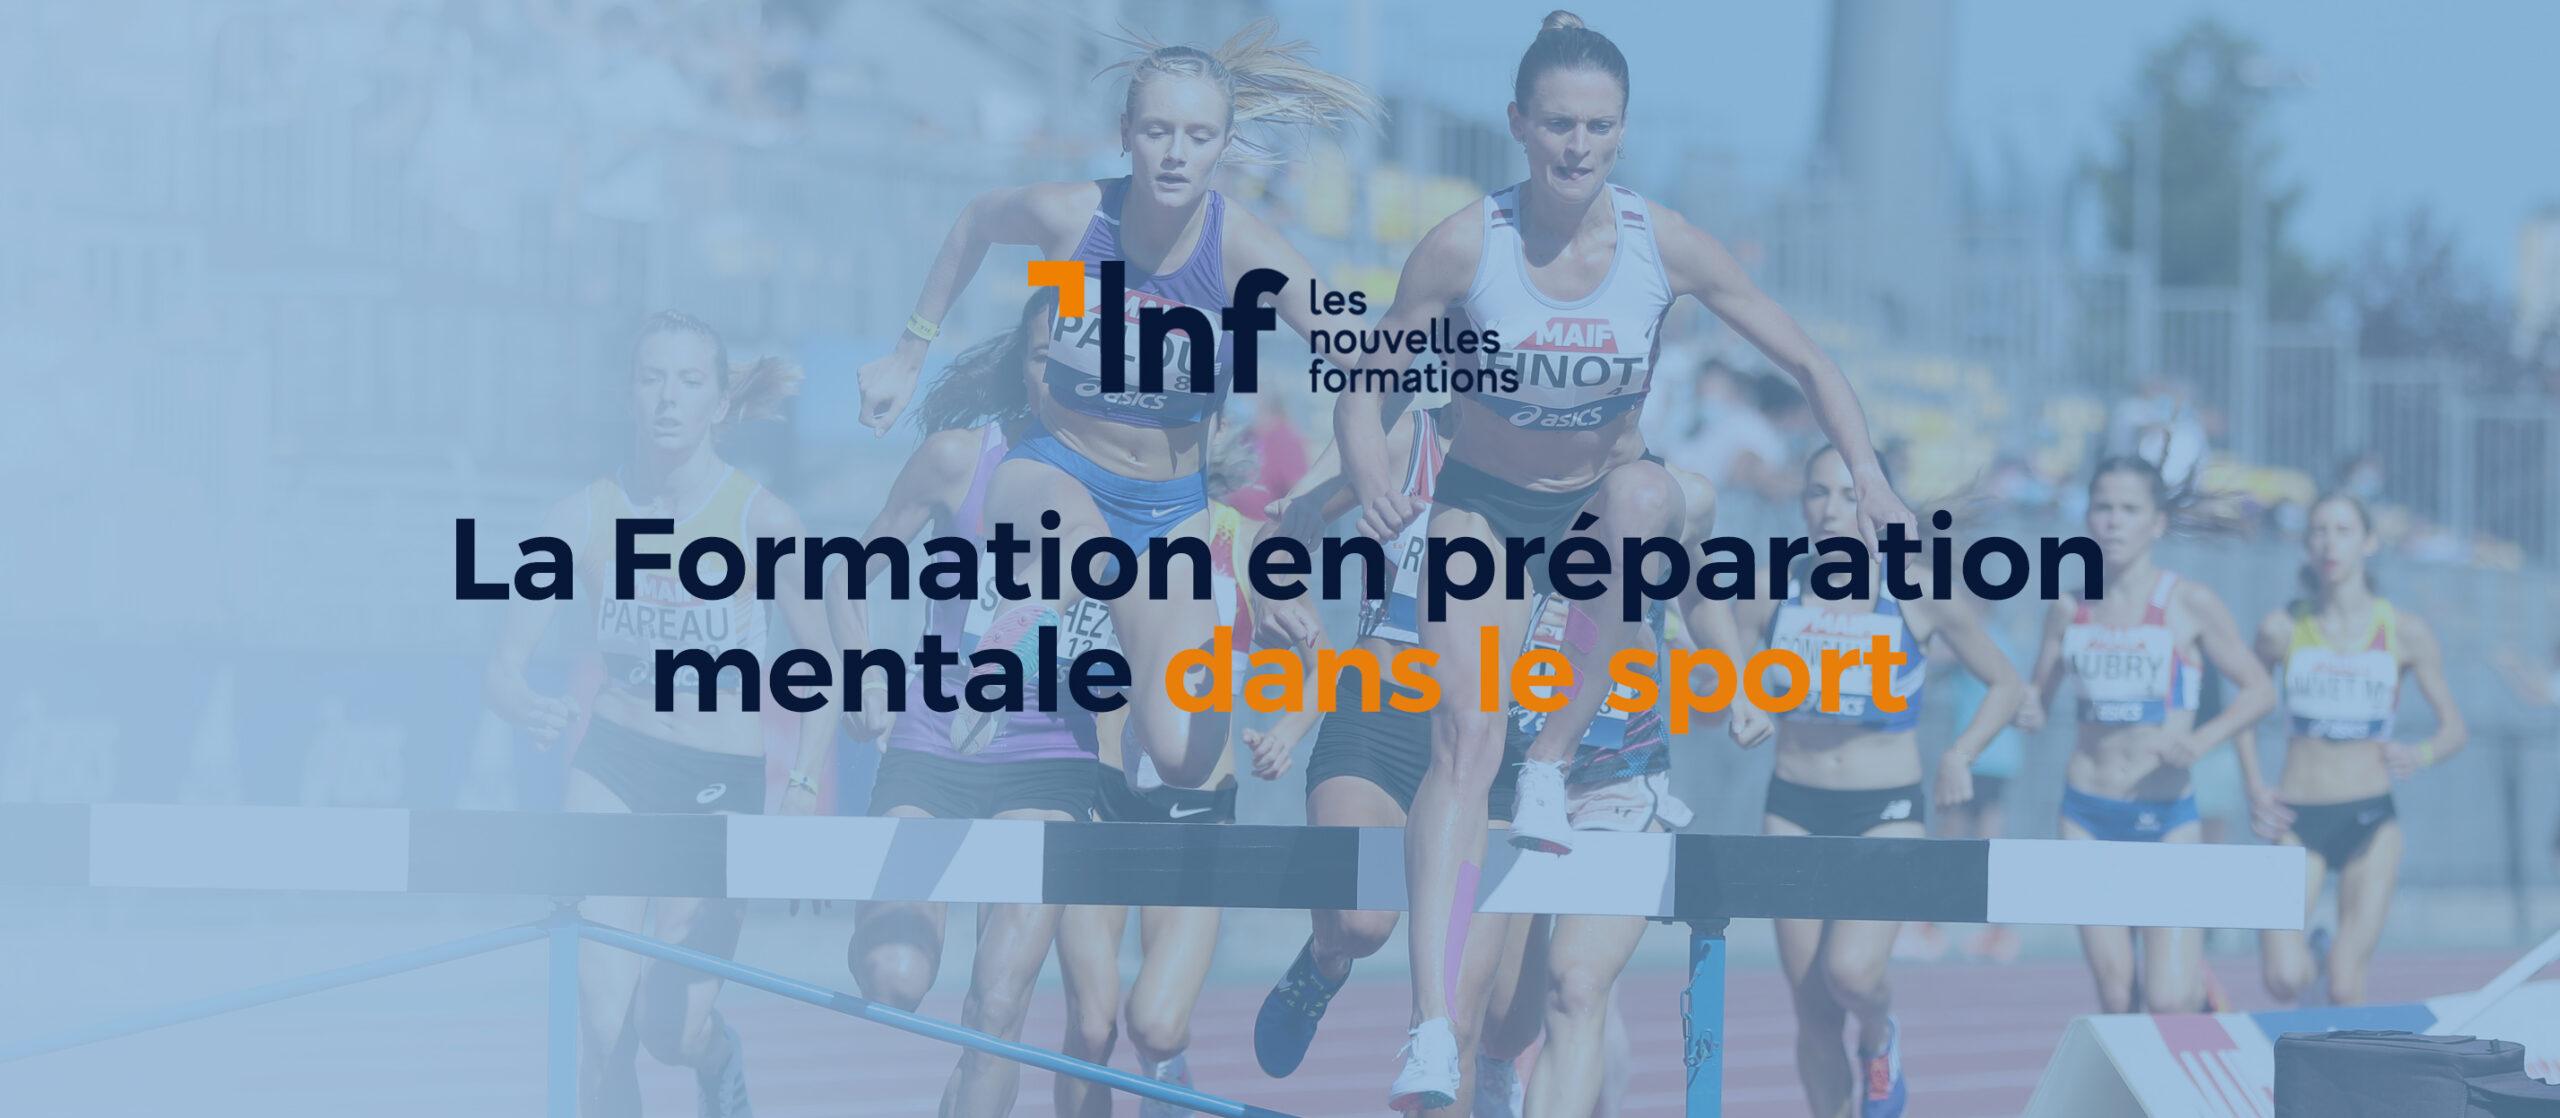 Présentation du programme proposé par Les Nouvelles Formations destiné aux entraîneurs d'athlétisme et aux athlètes de tous niveaux.